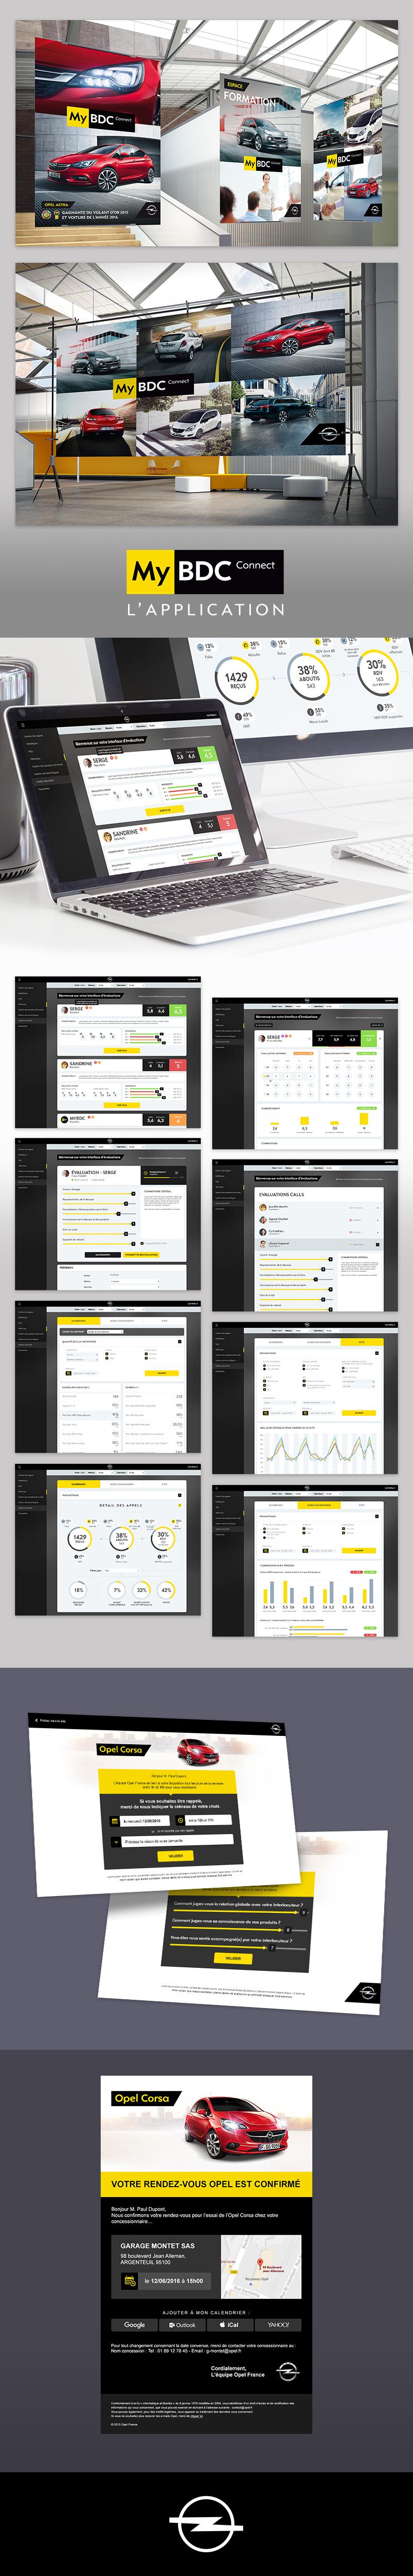 Directeur artistique freelance - Opel MyBDC - Webdesign Back office - Affiches